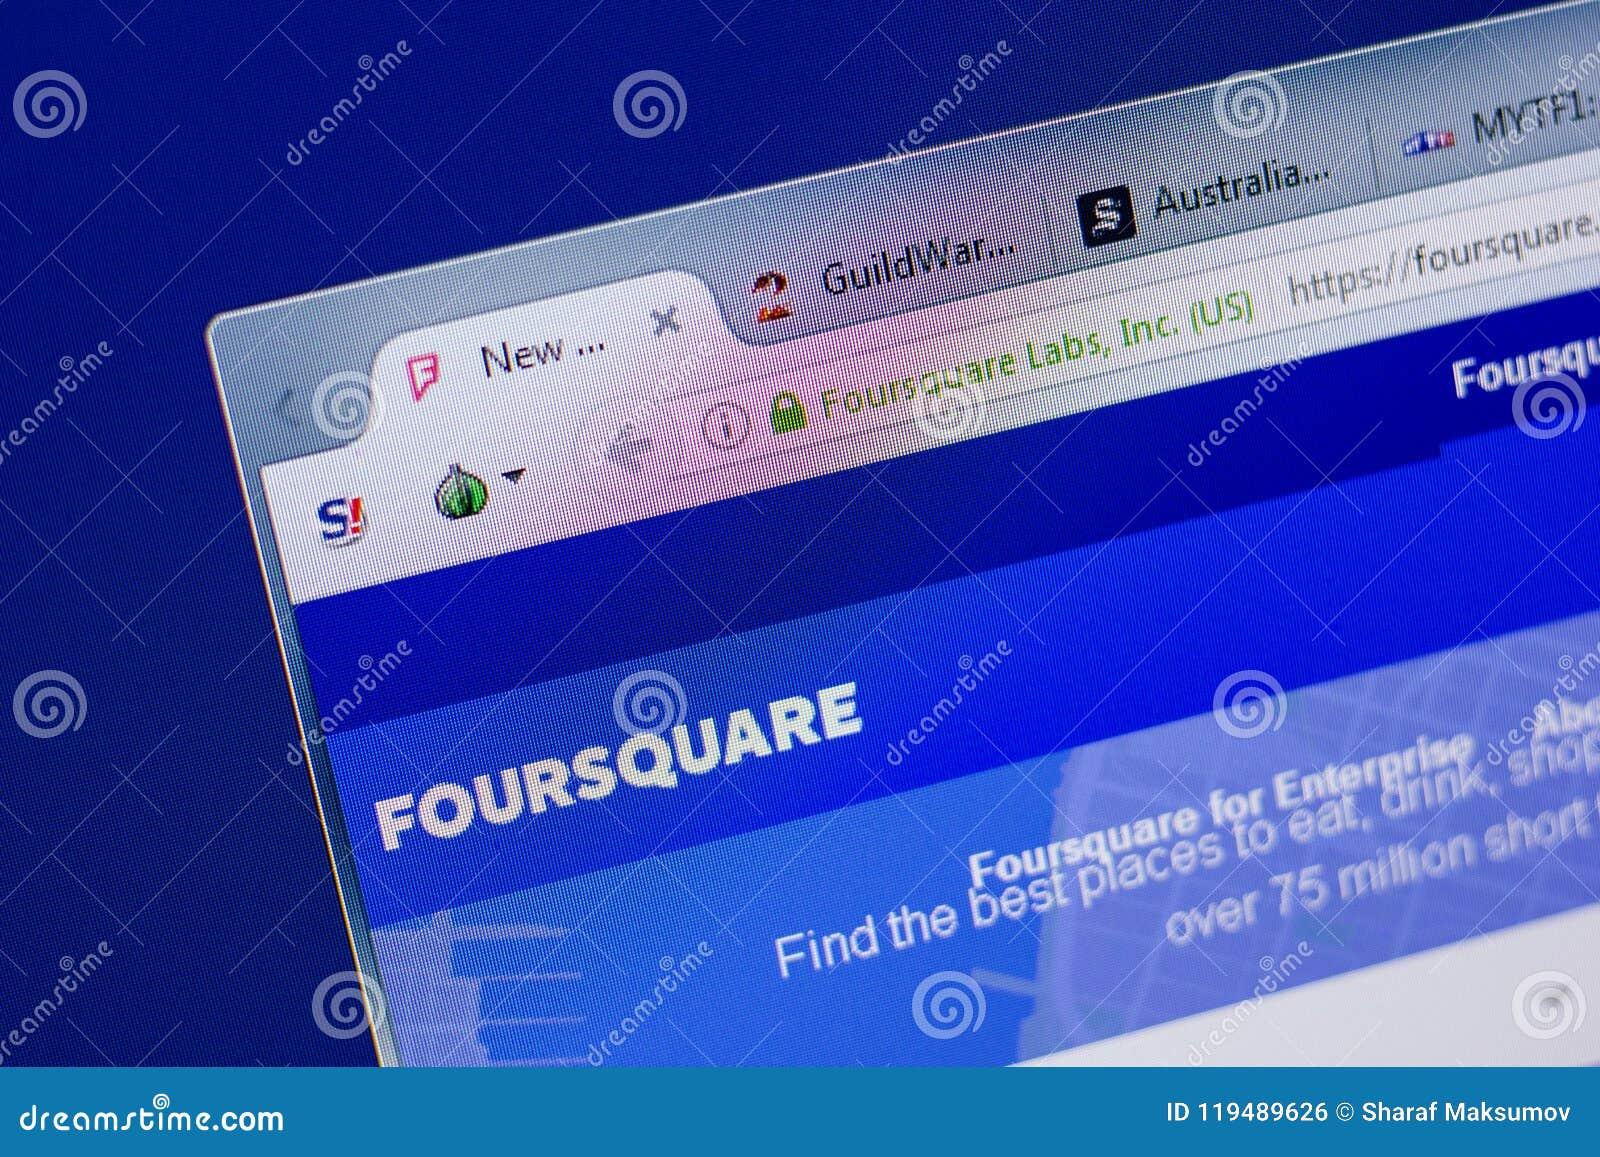 Ryazan, Russland - 17. Juni 2018: Homepage von FourSquare Website auf der Anzeige von PC, URL - FourSquare com